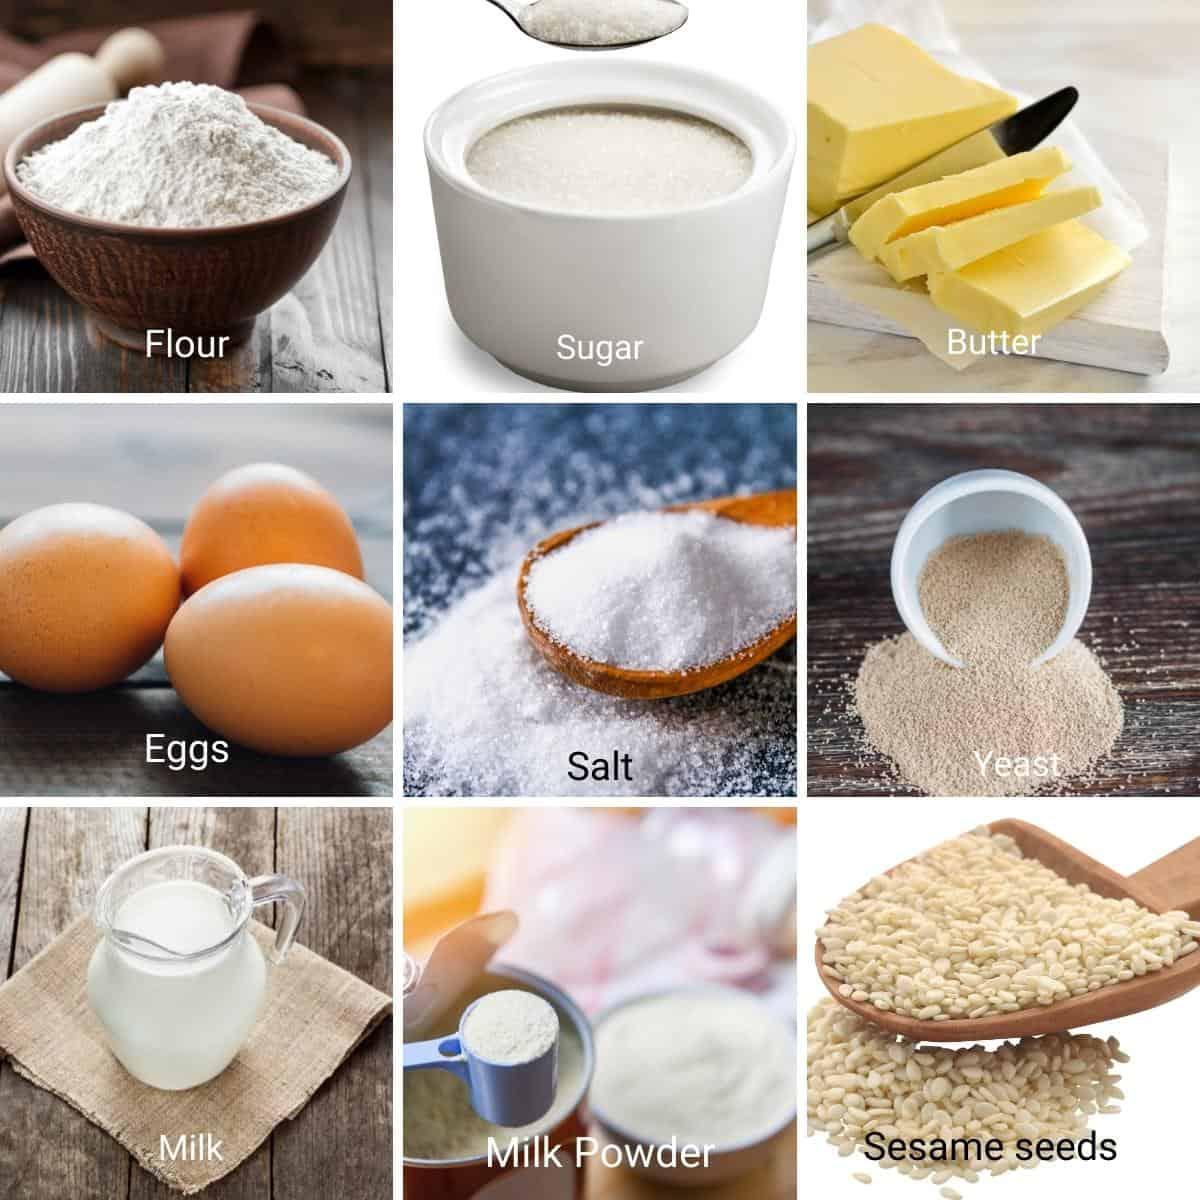 Ingredients shot collage for Hokkaido Hamburger Buns.